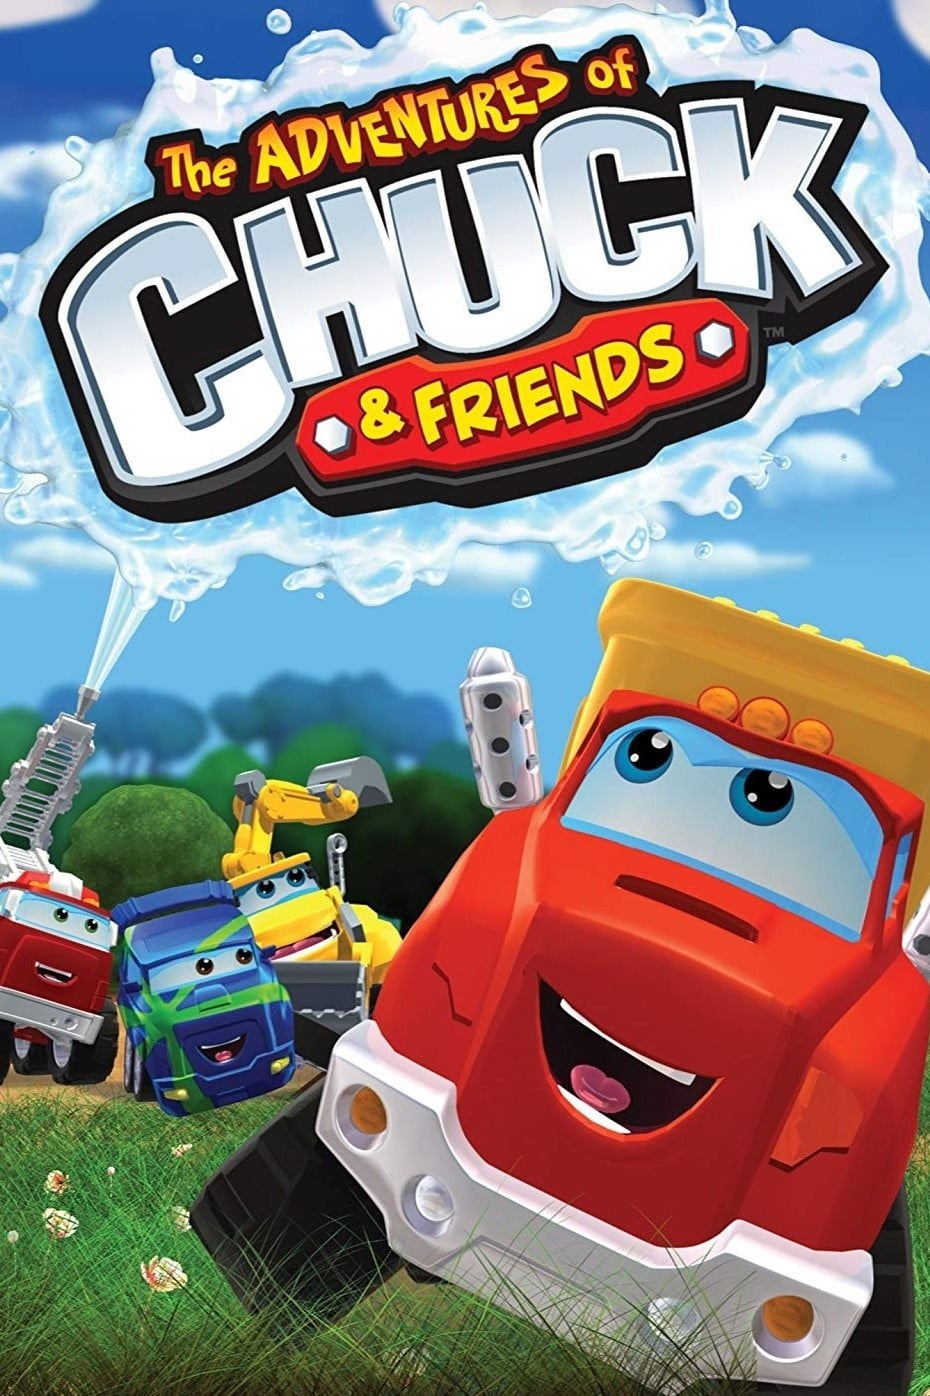 Las aventuras de Chuck y sus amigos